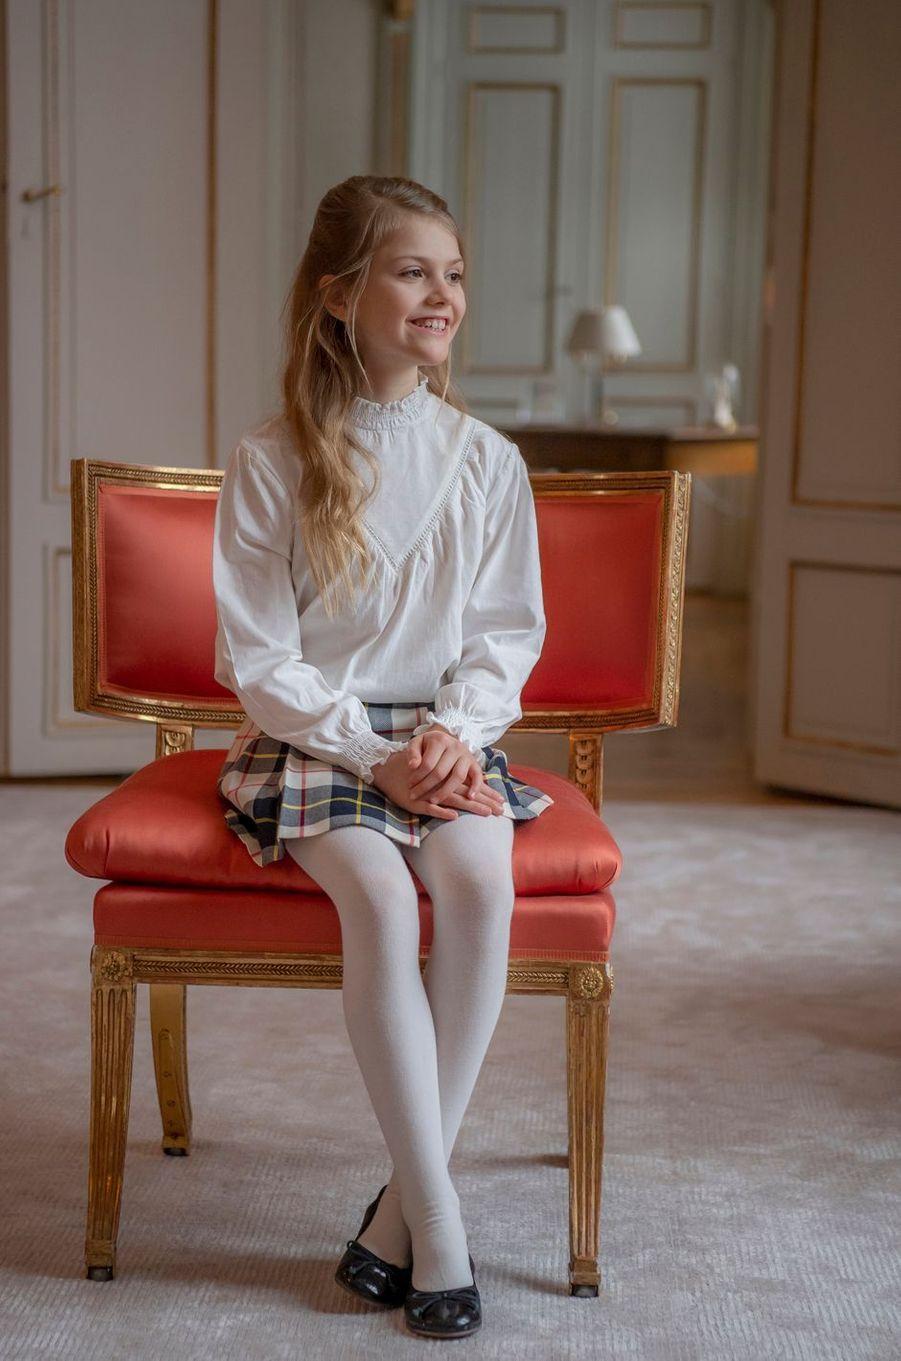 La princesse Estelle de Suède. Photo diffusée pour ses 9 ans, le 23 février 2021